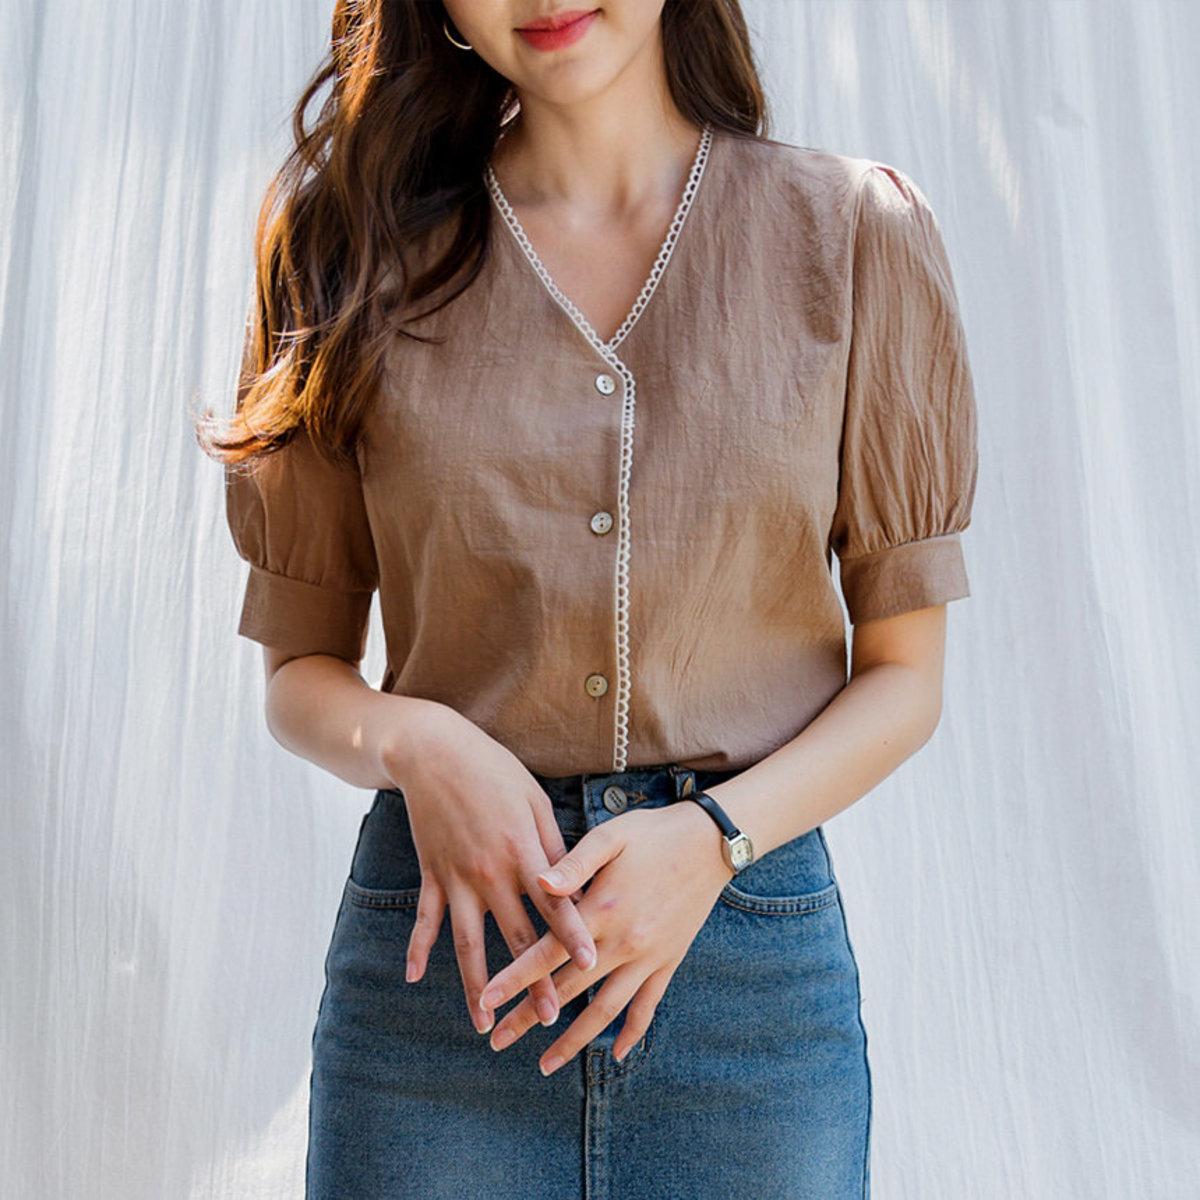 蕾絲V領鈕款襯衫